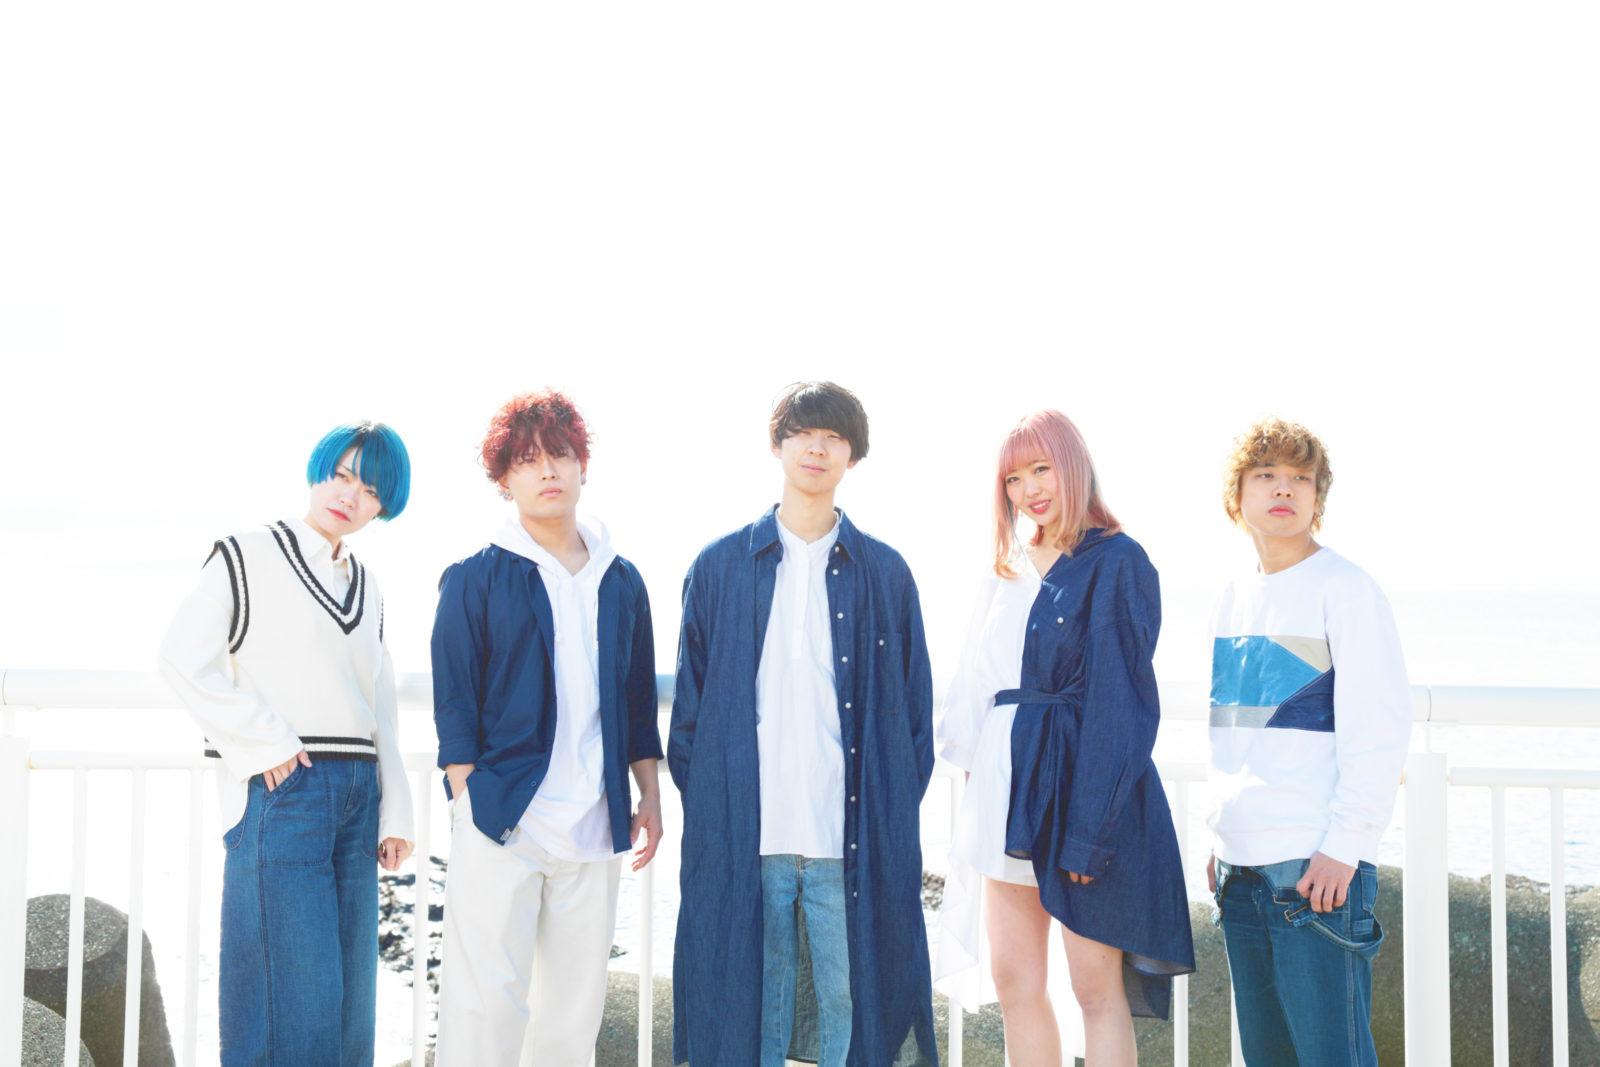 下北沢発ピアノロックバンド『フィルフリーク』待望の全国流通盤をリリースサムネイル画像